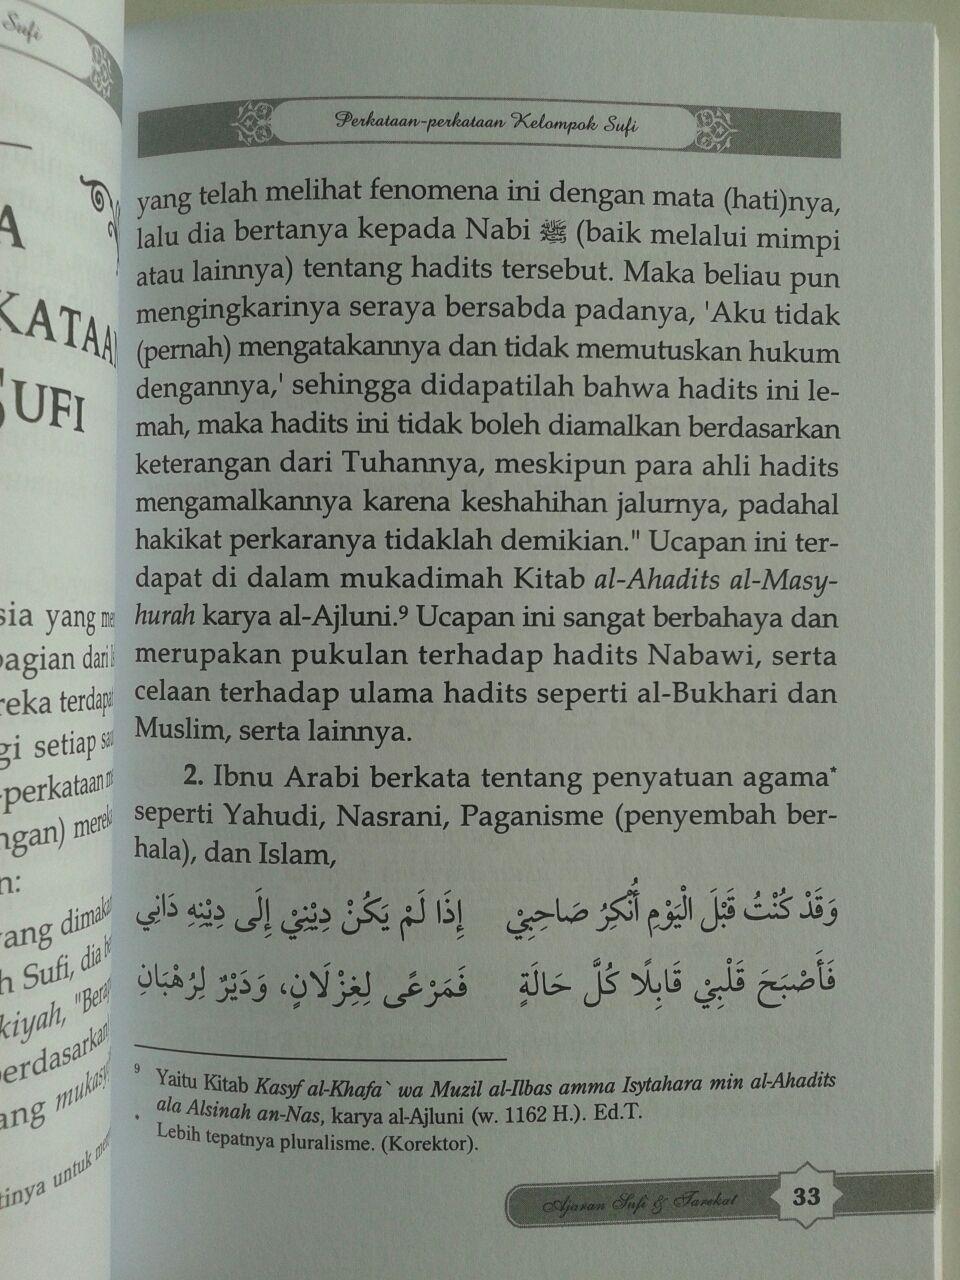 Buku Ajaran Sufi Dan Tarekat Dalam Timbangan Al-Quran Dan As-Sunnah isi